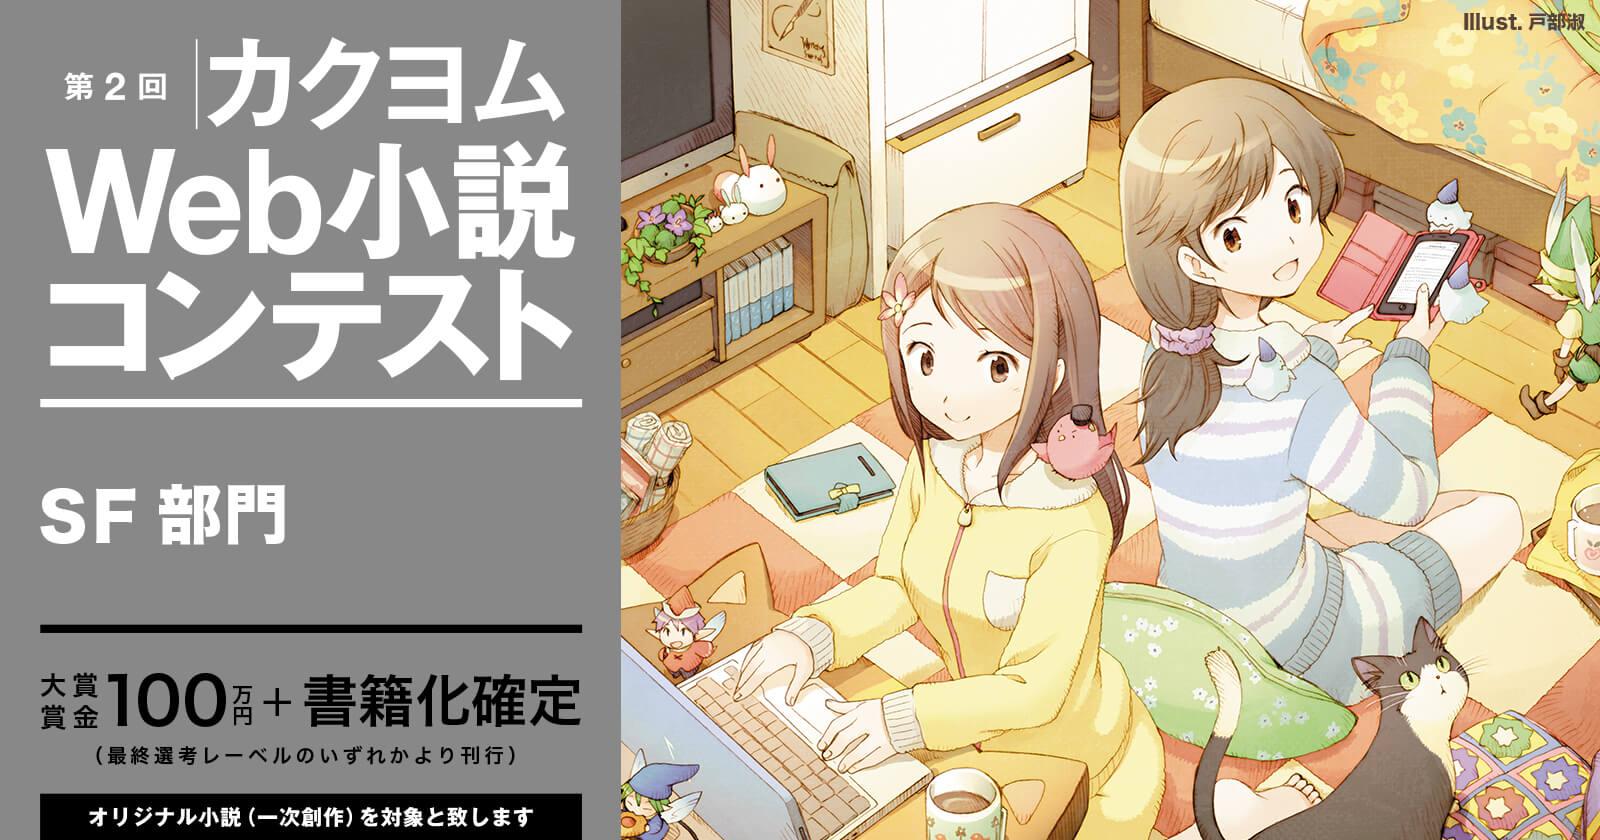 第2回カクヨムWeb小説コンテスト SF部門